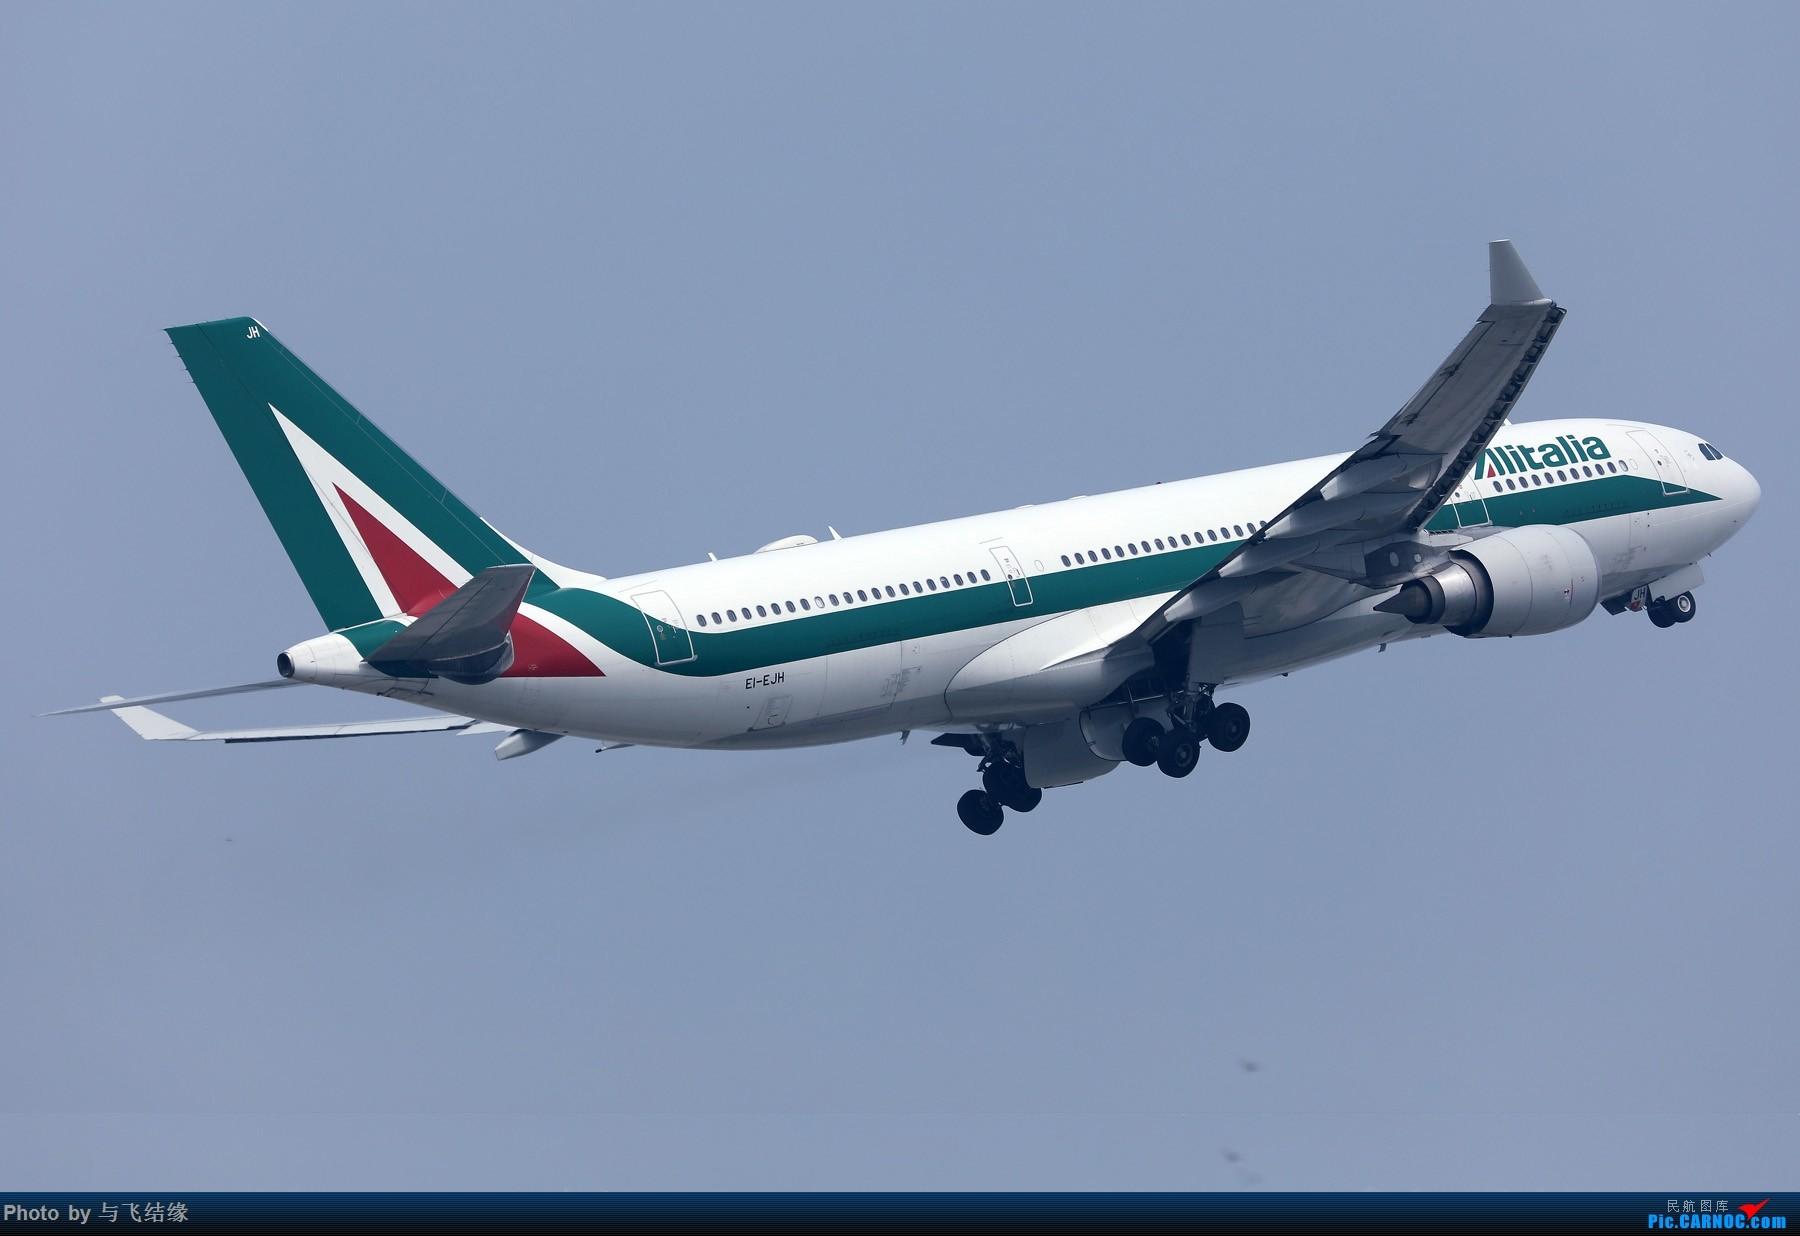 Re:[原创]周末发图一组中外混搭组合! AIRBUS A330-200 EI-EJH 中国北京首都国际机场